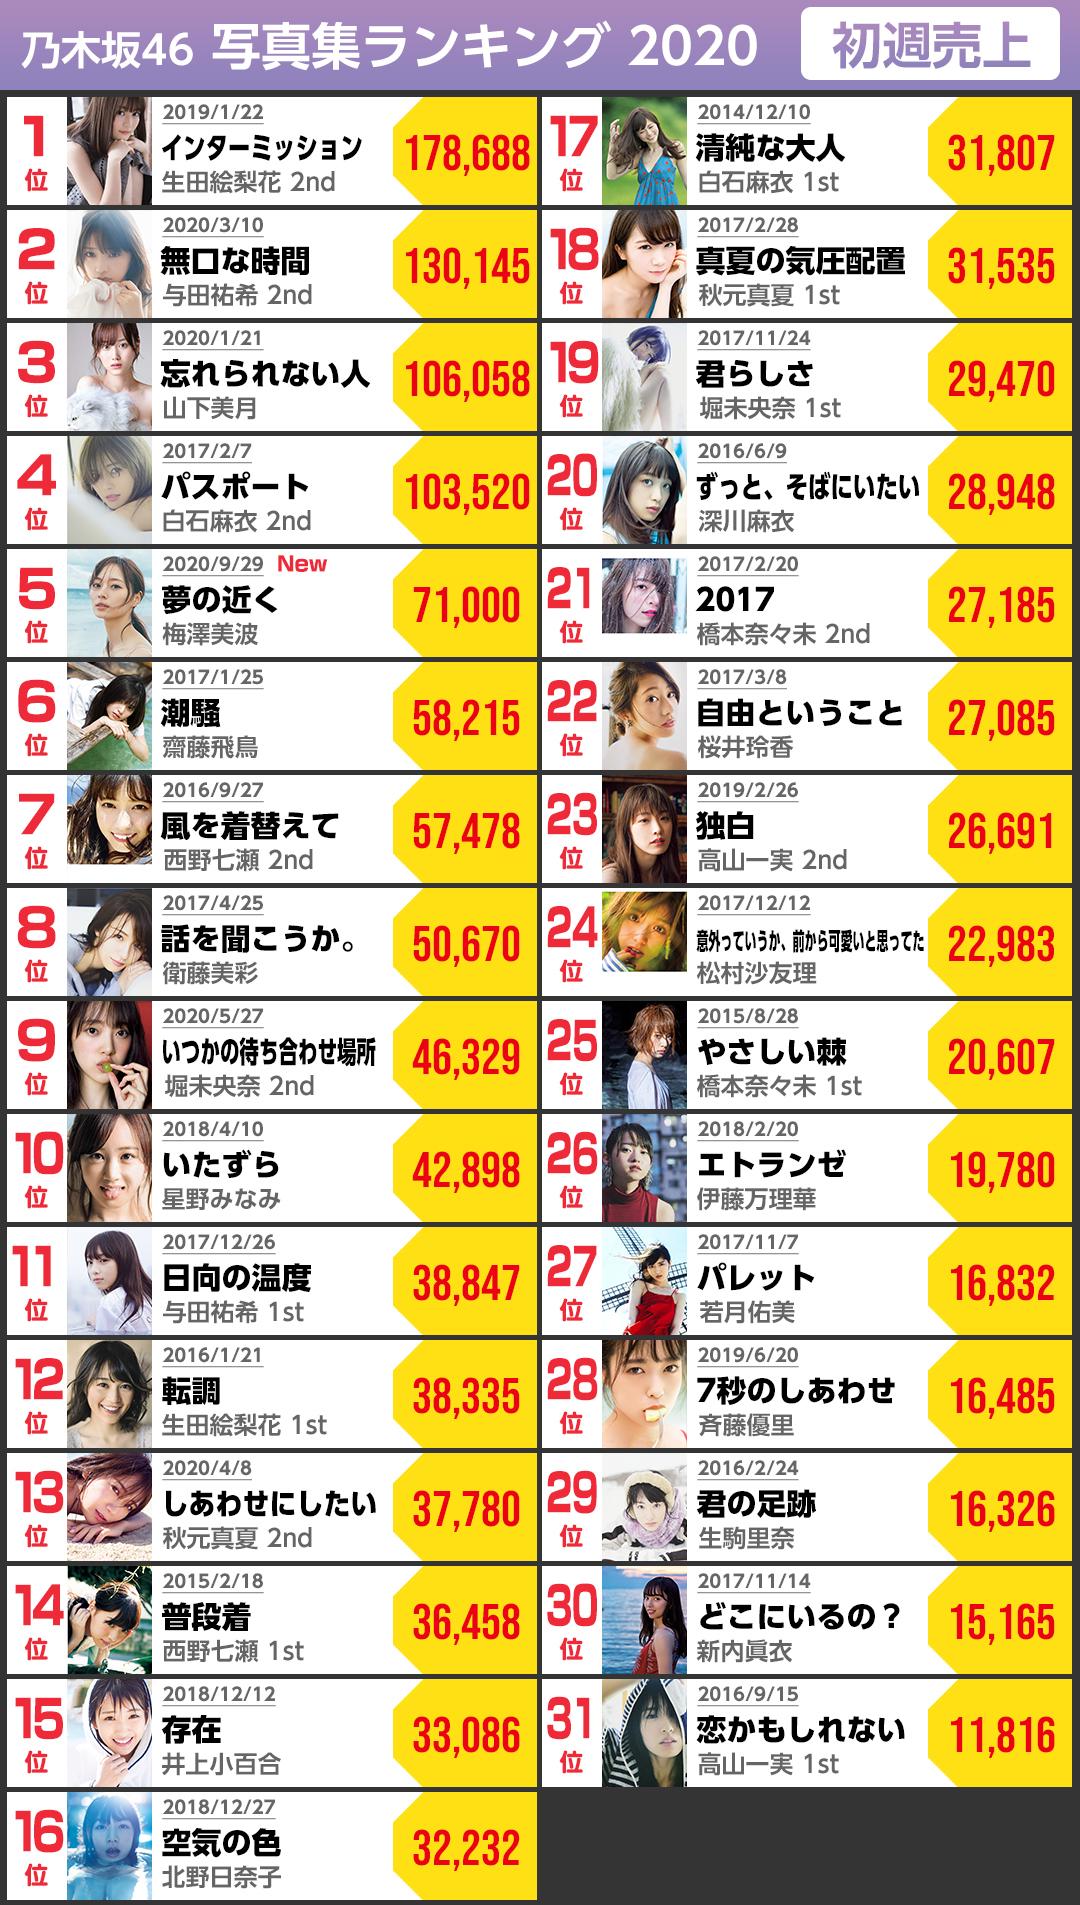 乃木坂46初週売上2020